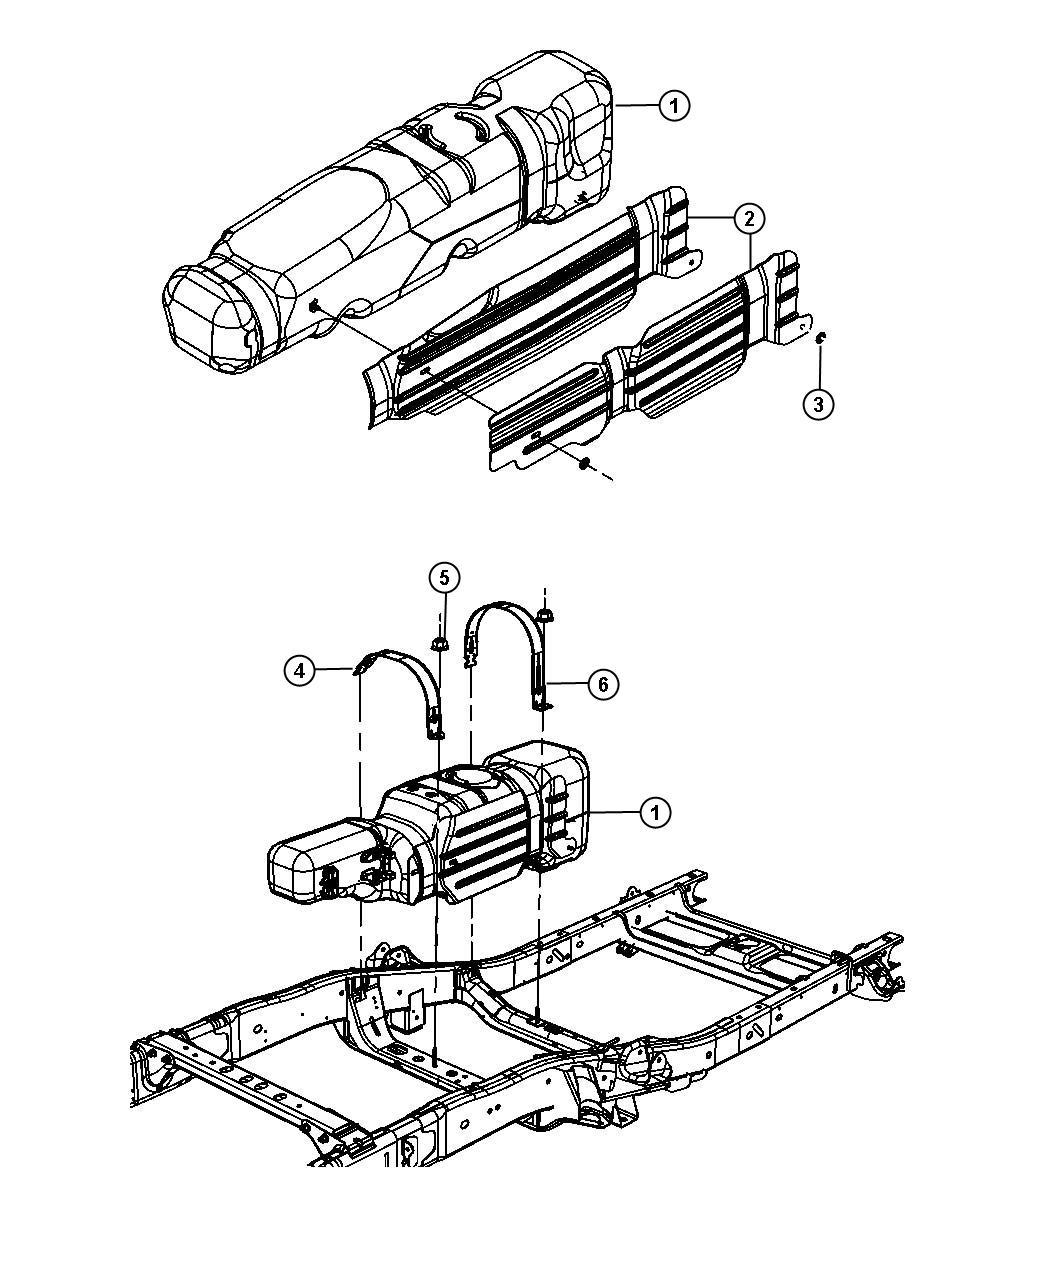 2015 Ram 1500 Tank. Fuel. [nfx], [nfx], [xkn], [nfx], xkn